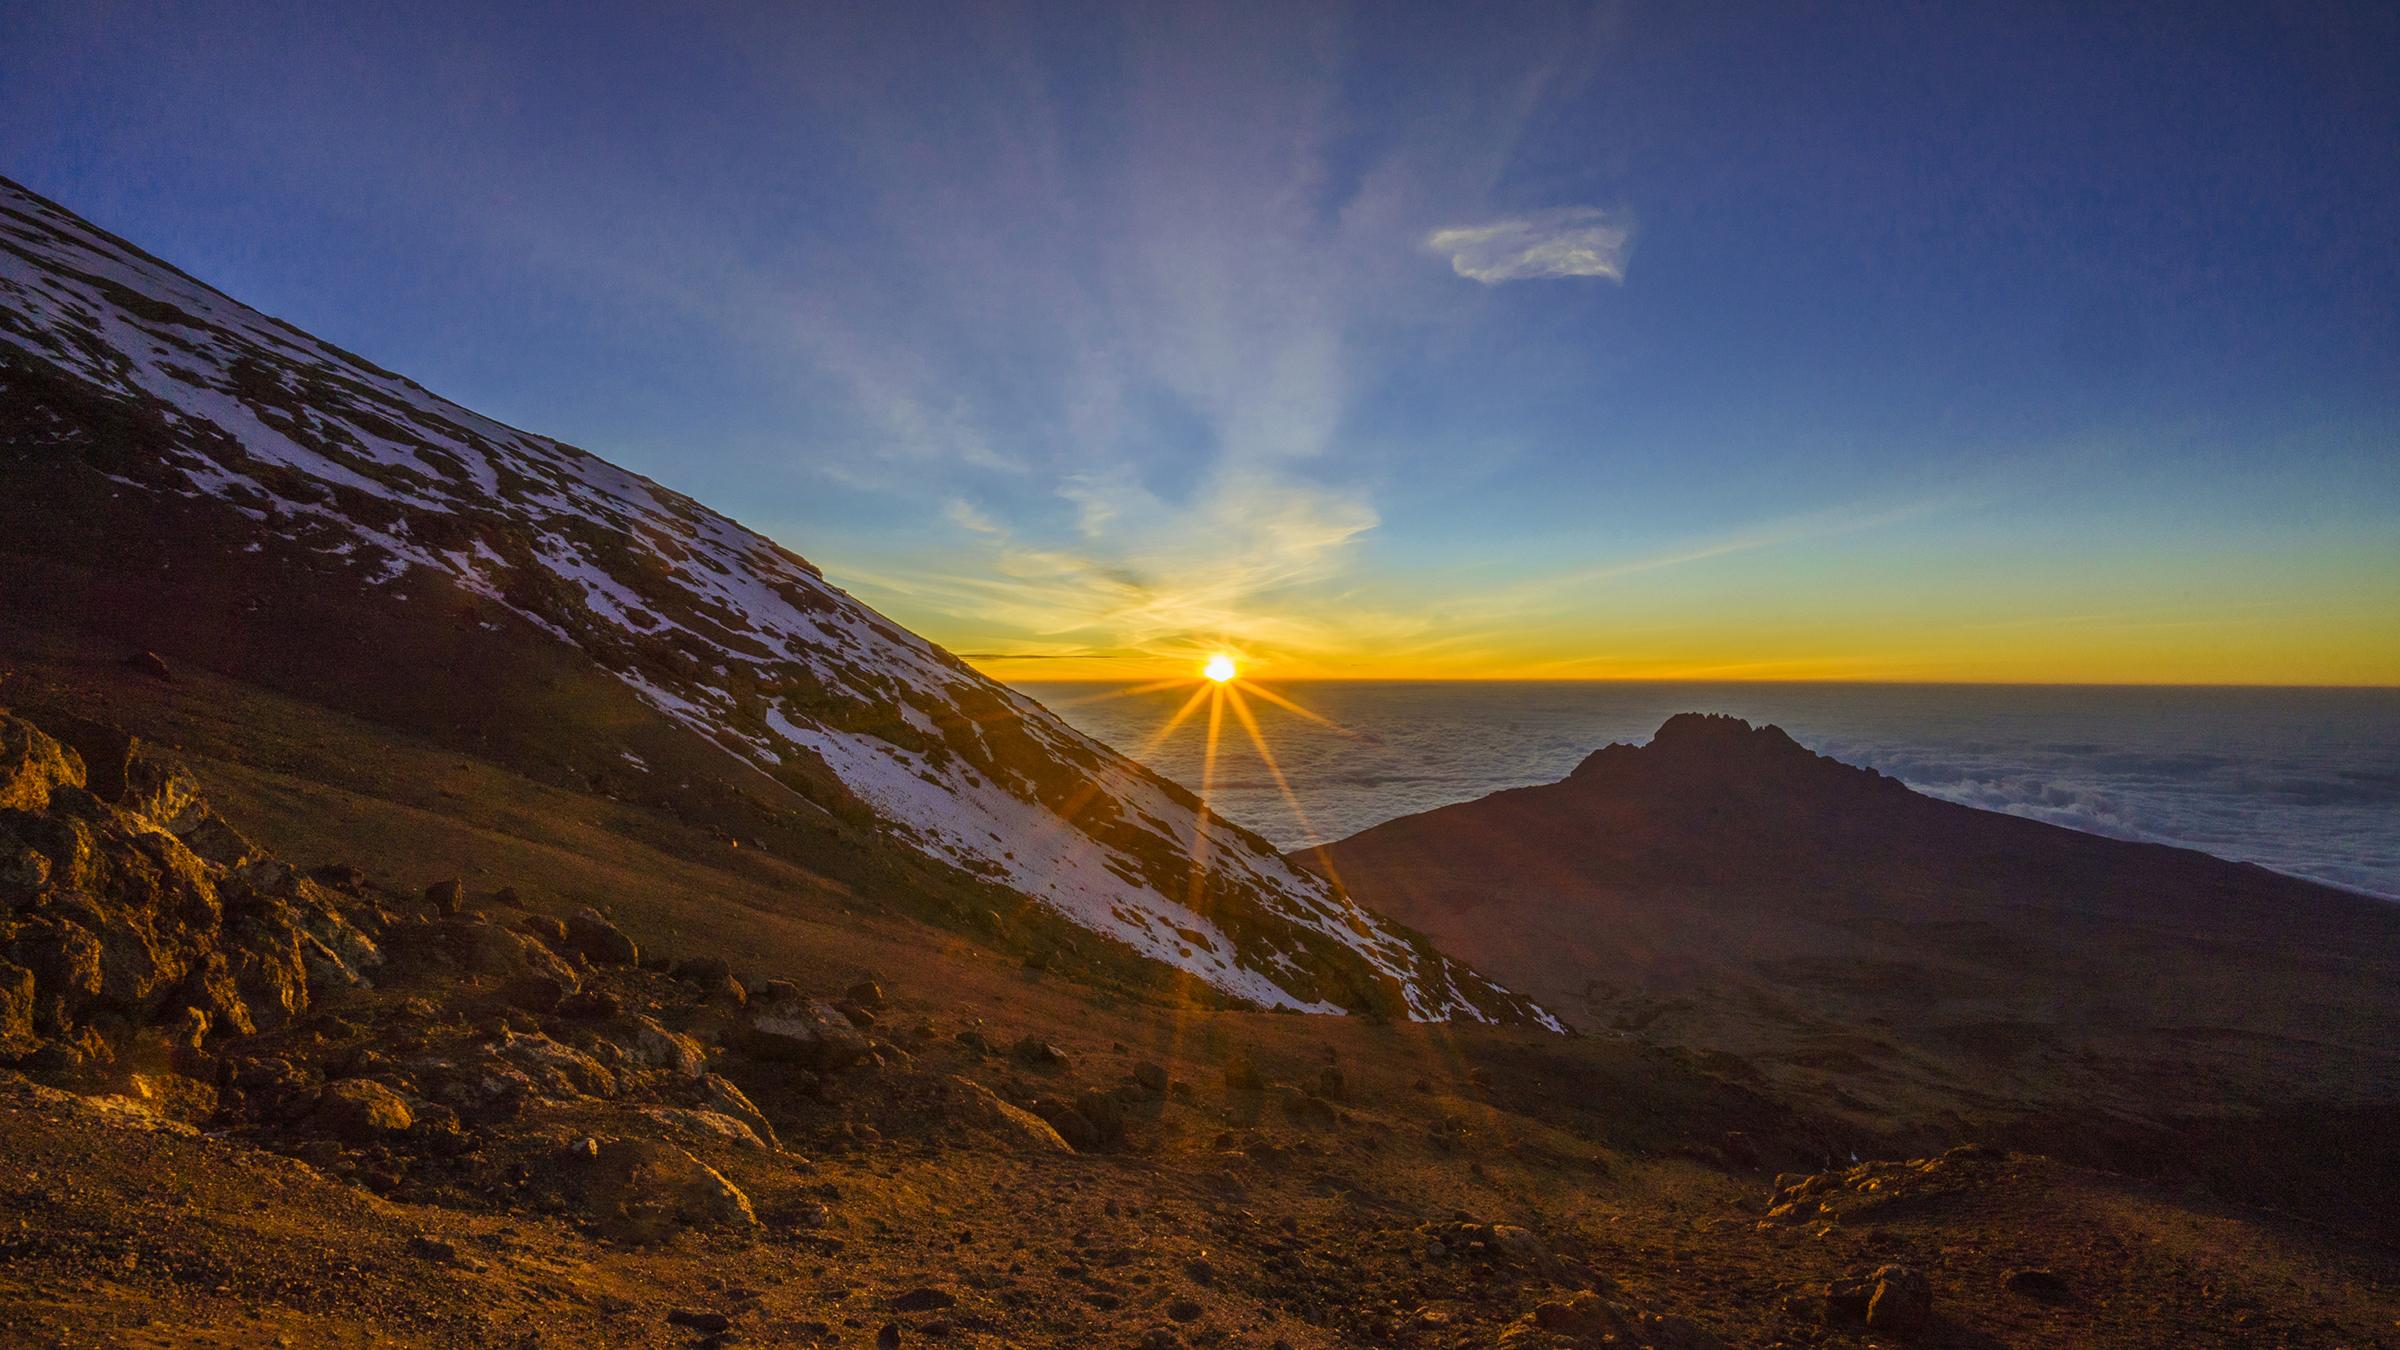 Kilimanjaro: Hết ngày dài lại đêm thâu, chúng ta đi leo núi Phi châu - Ảnh 15.